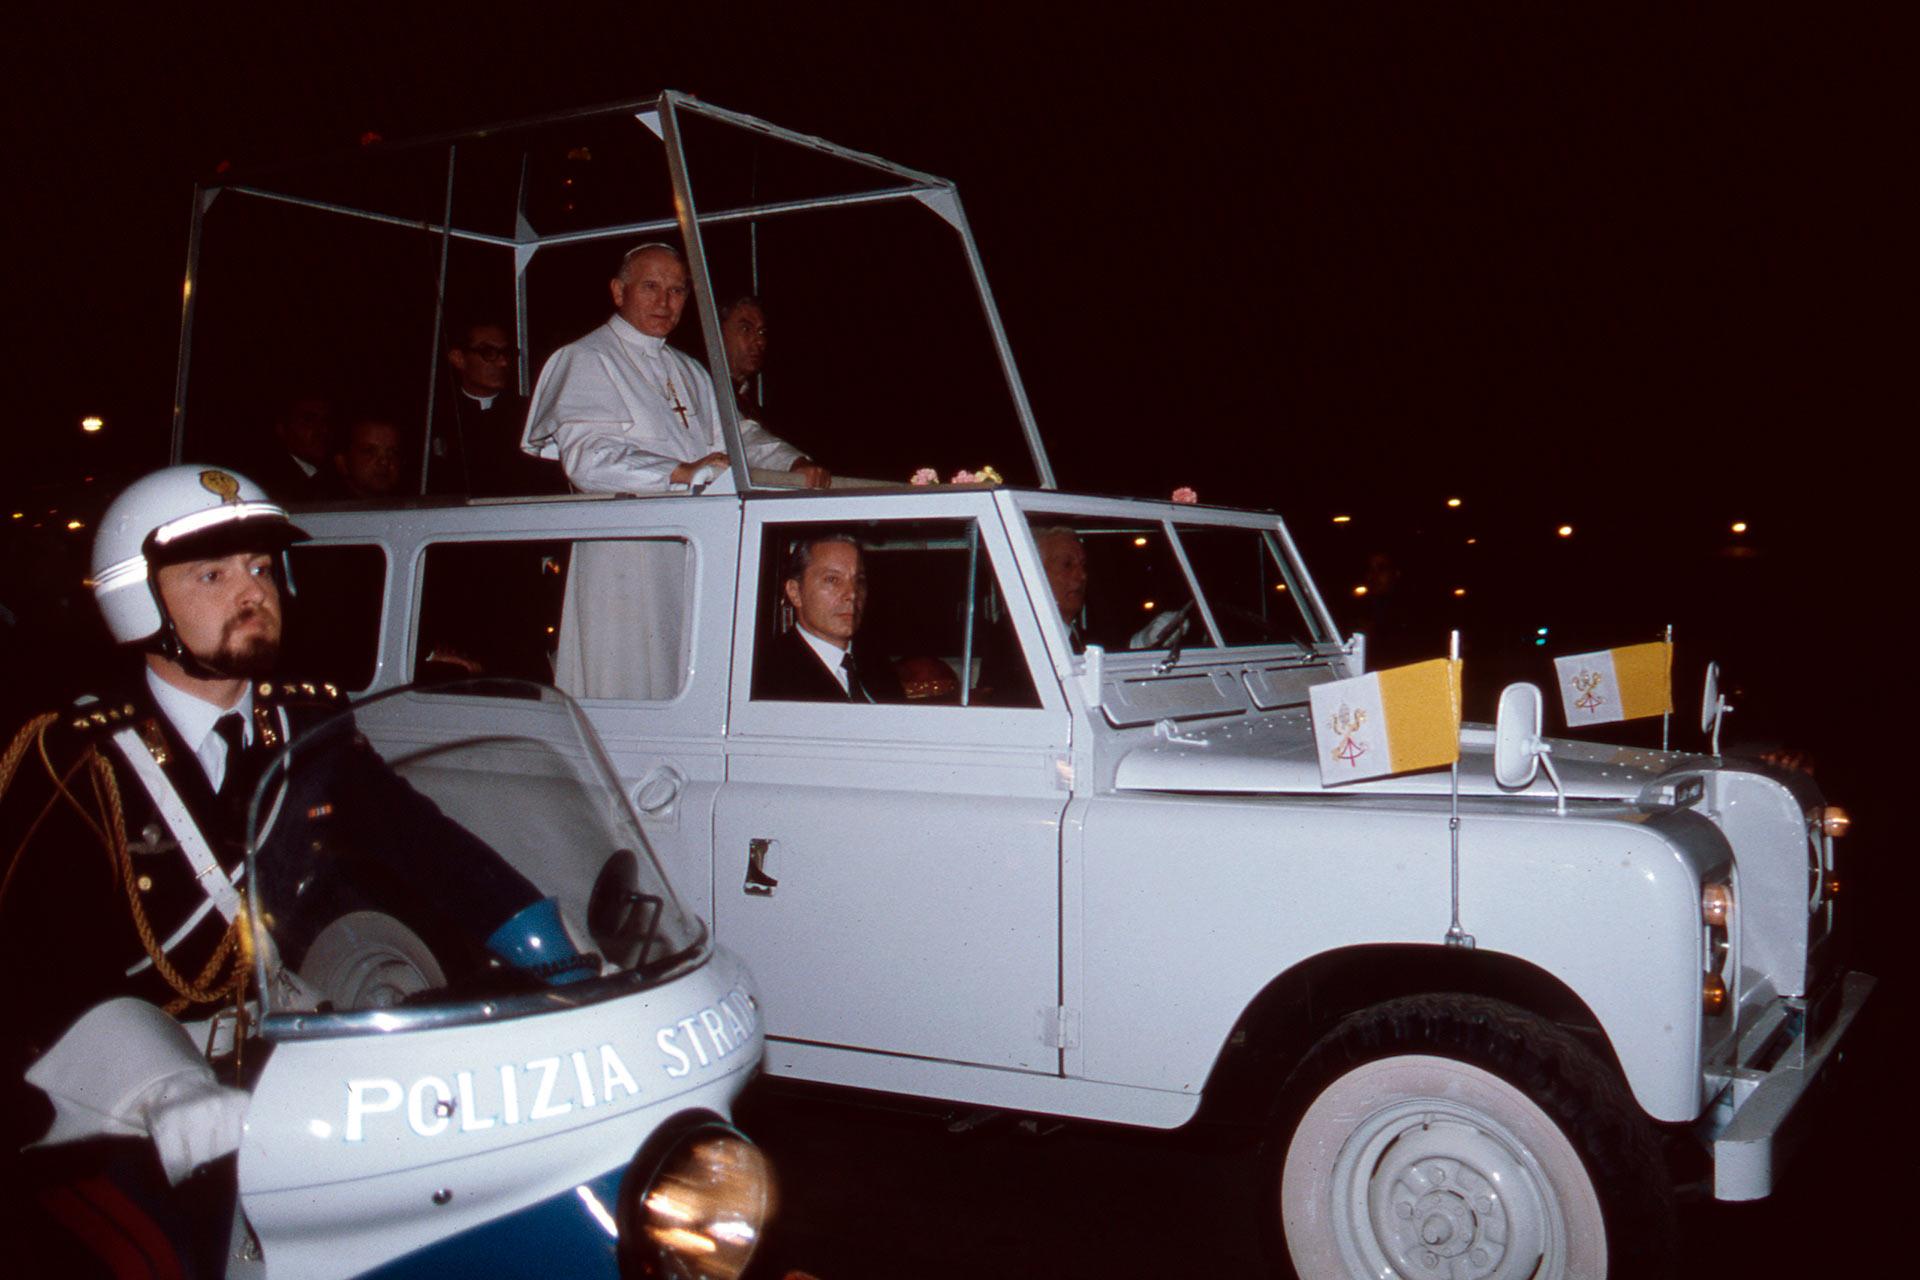 Après deux journées d'engagements très intenses, Papa Woytila, se déplace en Papamobile dans les rues de Palerme, il est accompagné jusqu'au port de Palerme, où un hélicoptère l'attendait pour le conduire à l'aéroport de Punta Raisi, l'actuel : « Aéroport Falcone et Borsellino ».